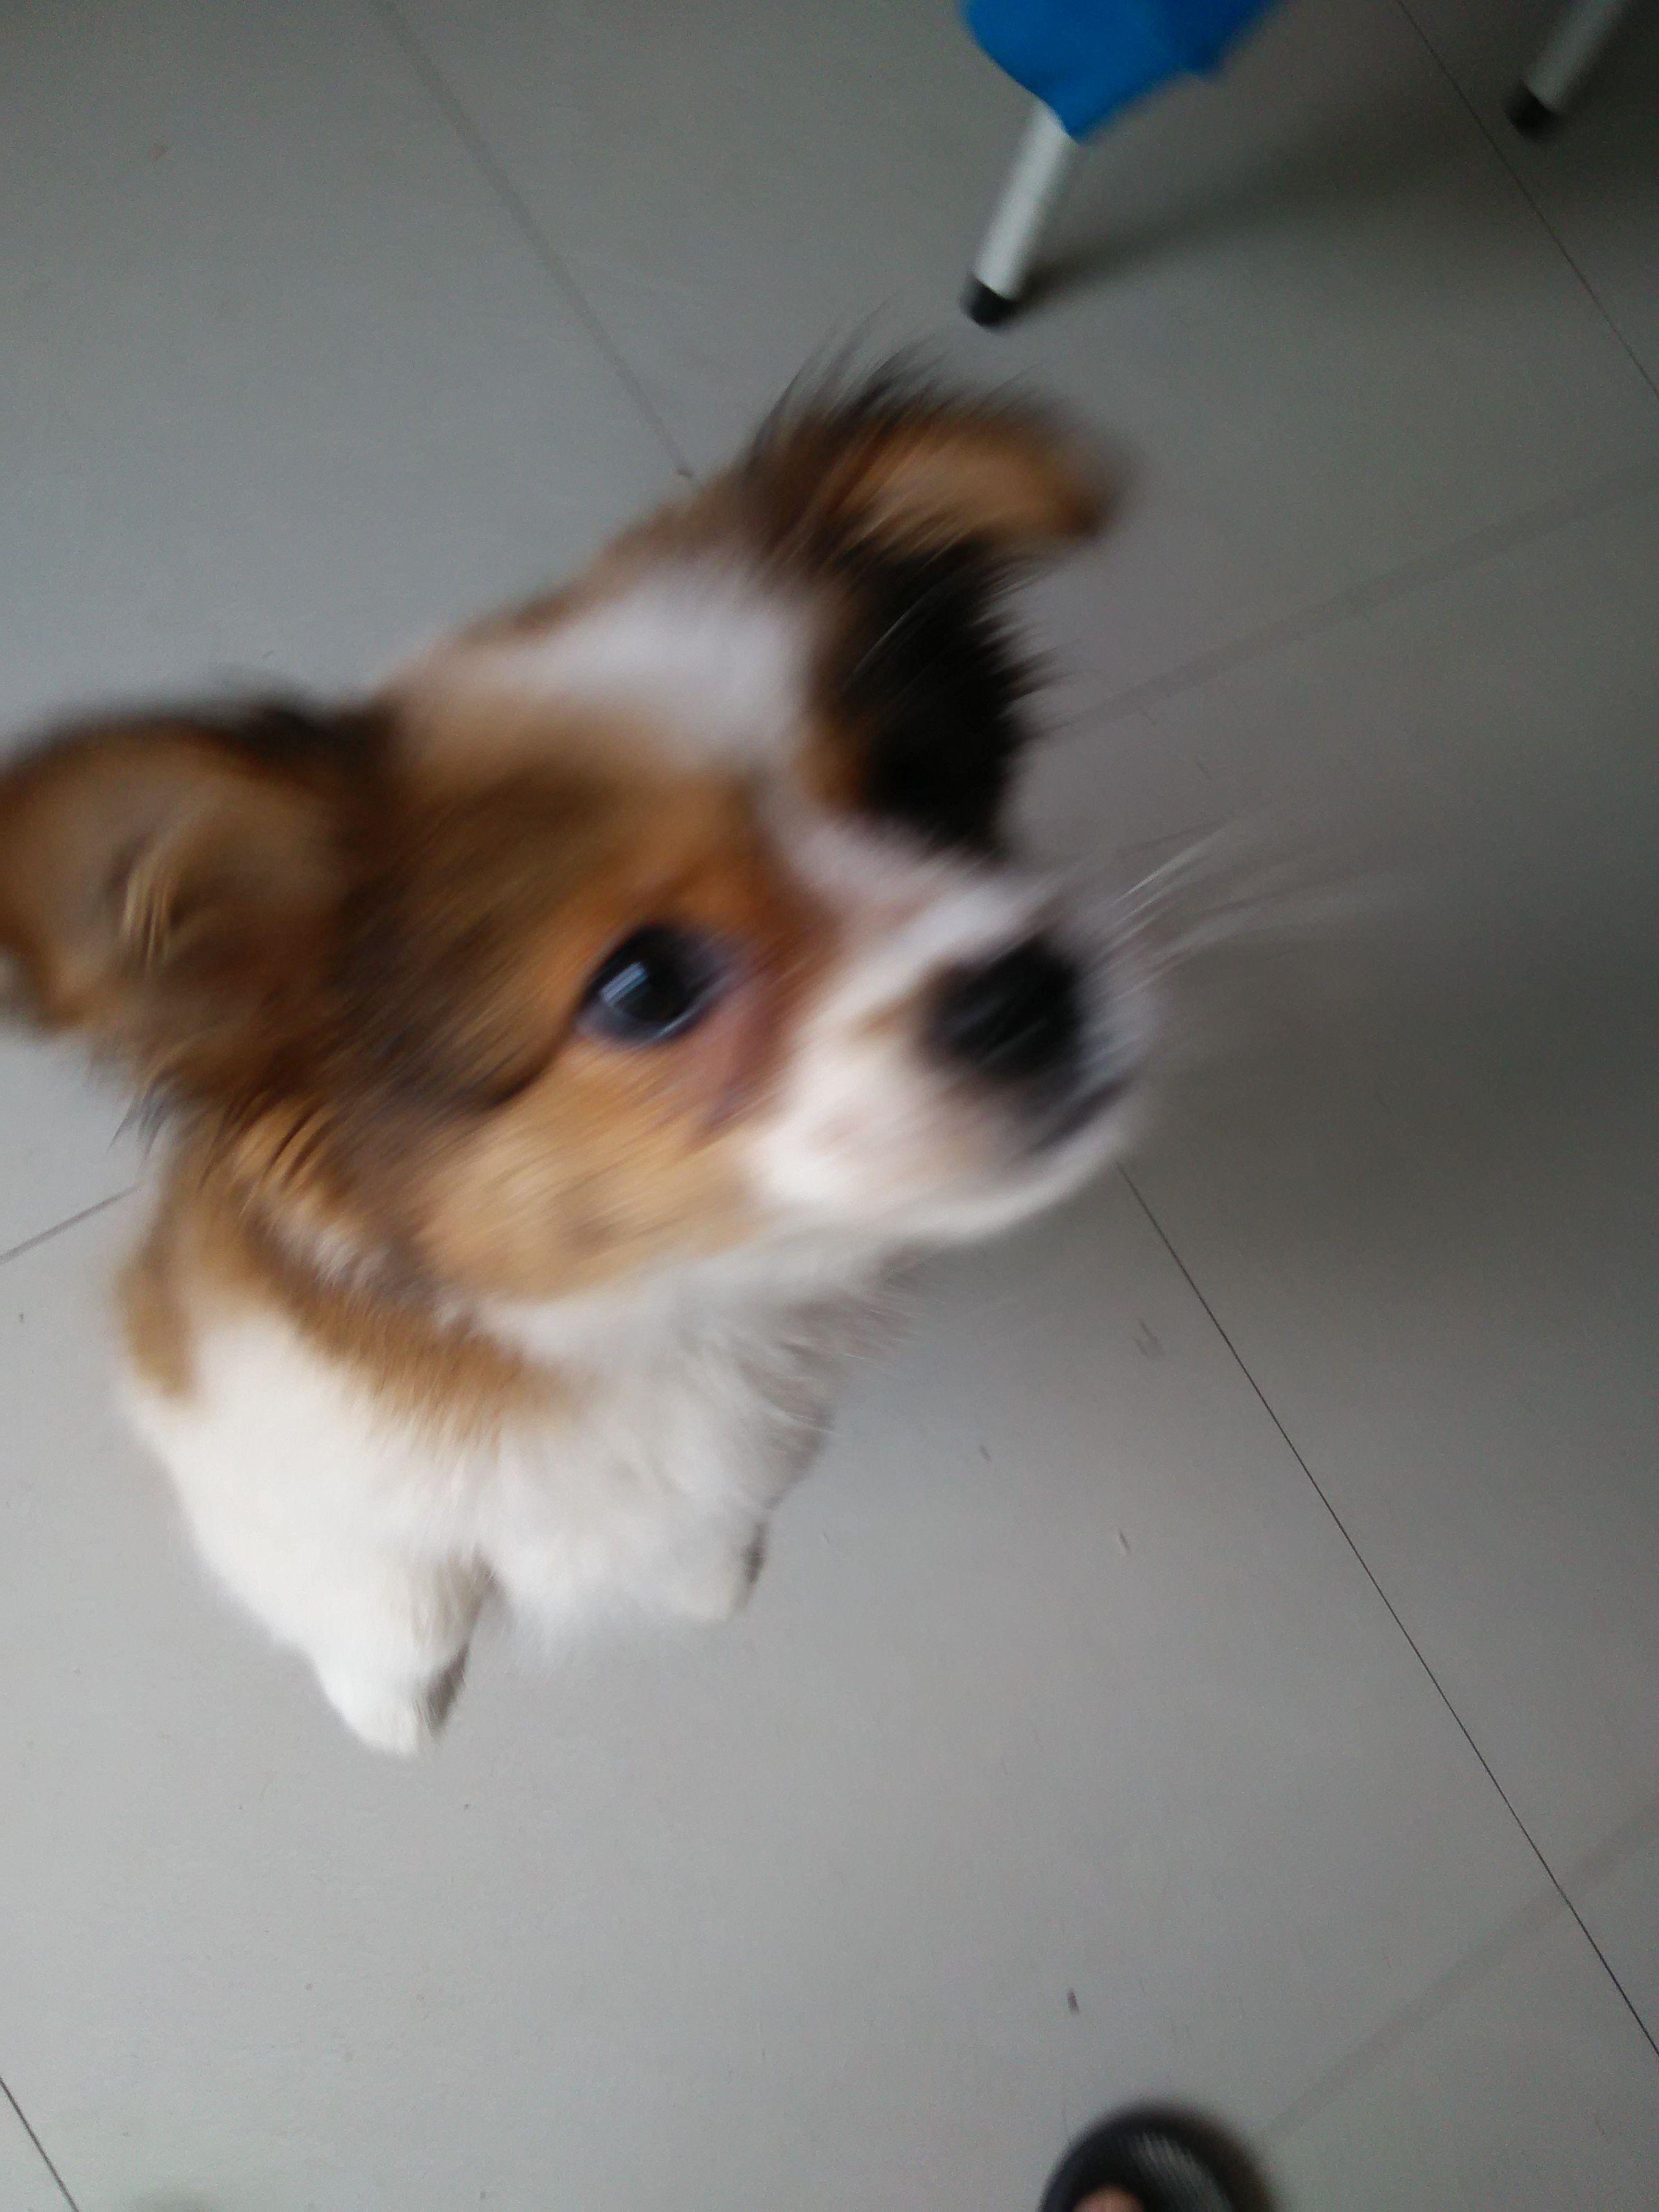 这叫什么狗,会长大吗?是宠物狗吗?